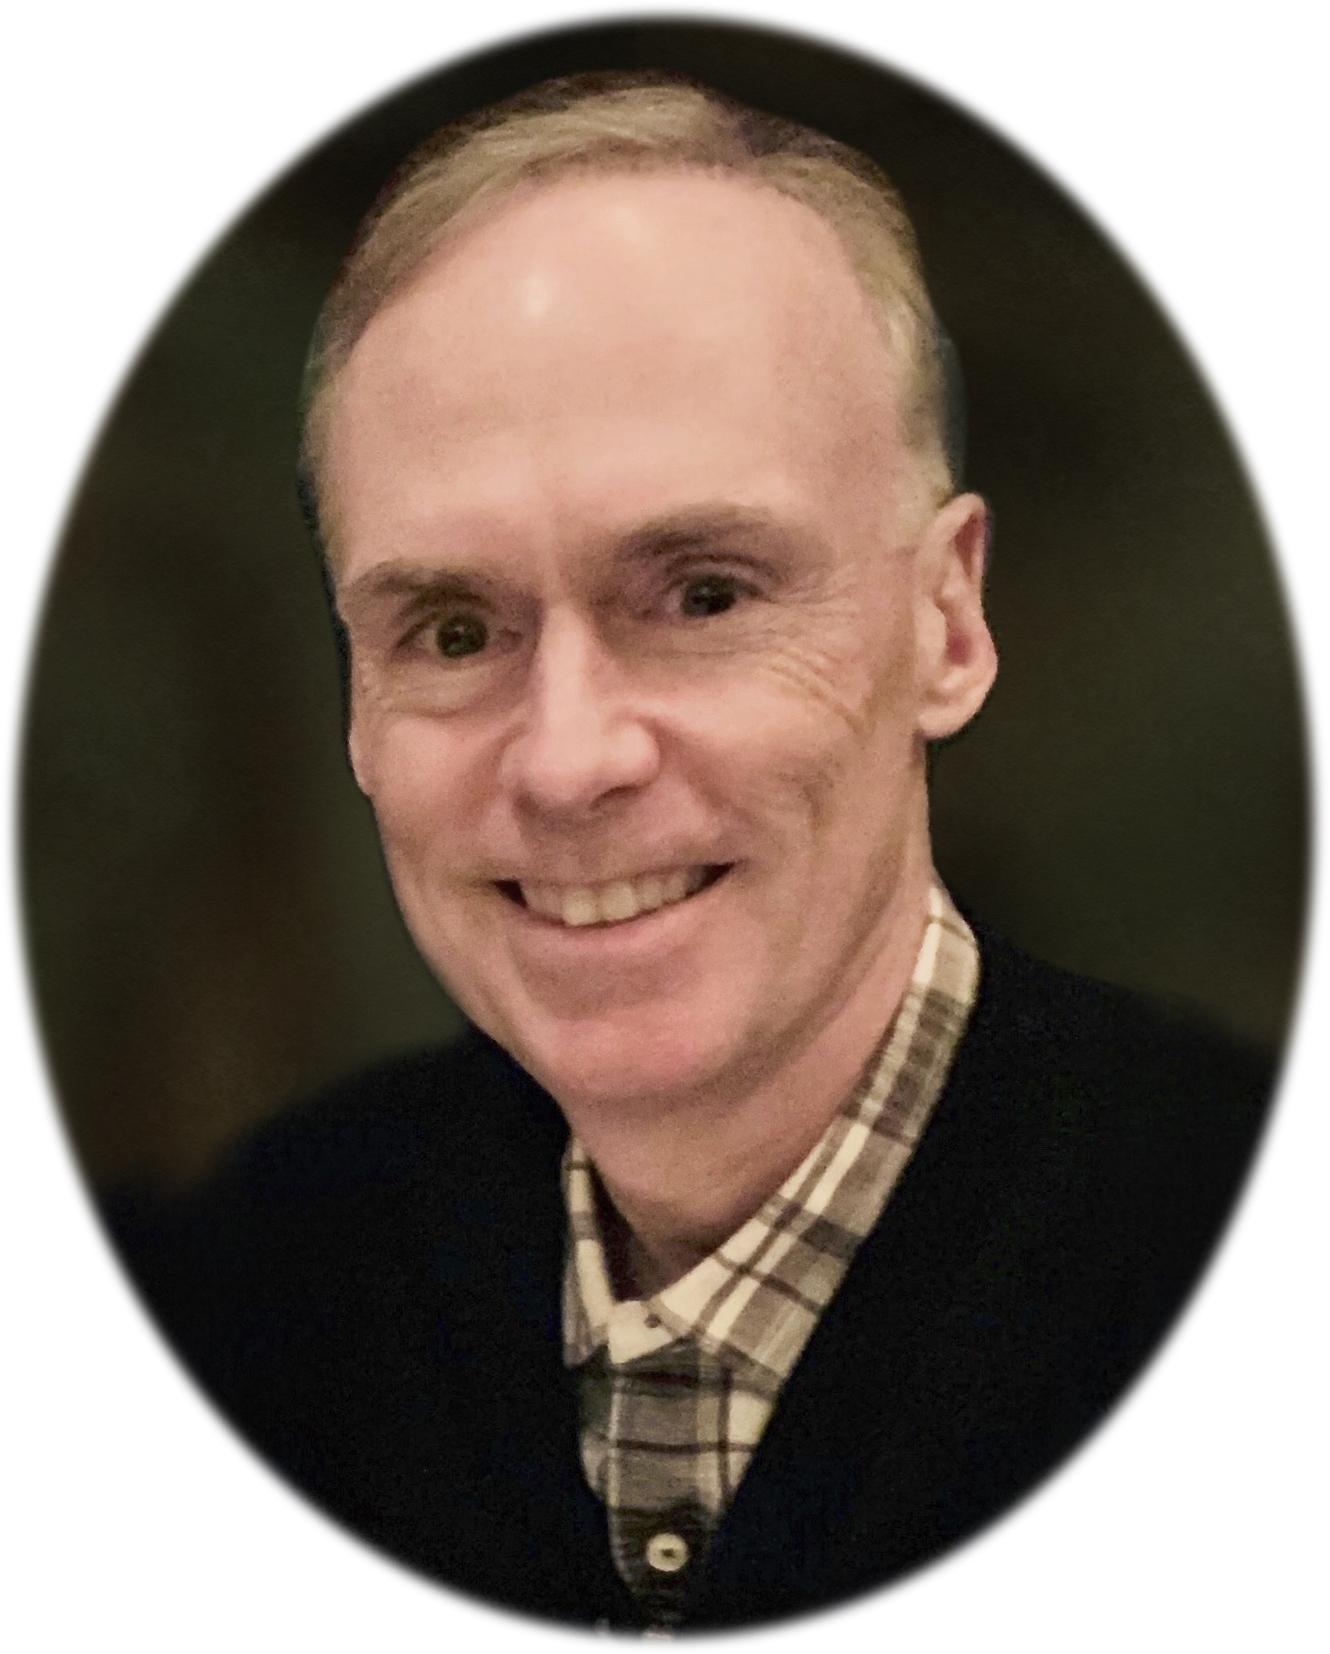 Michael A. Metzler